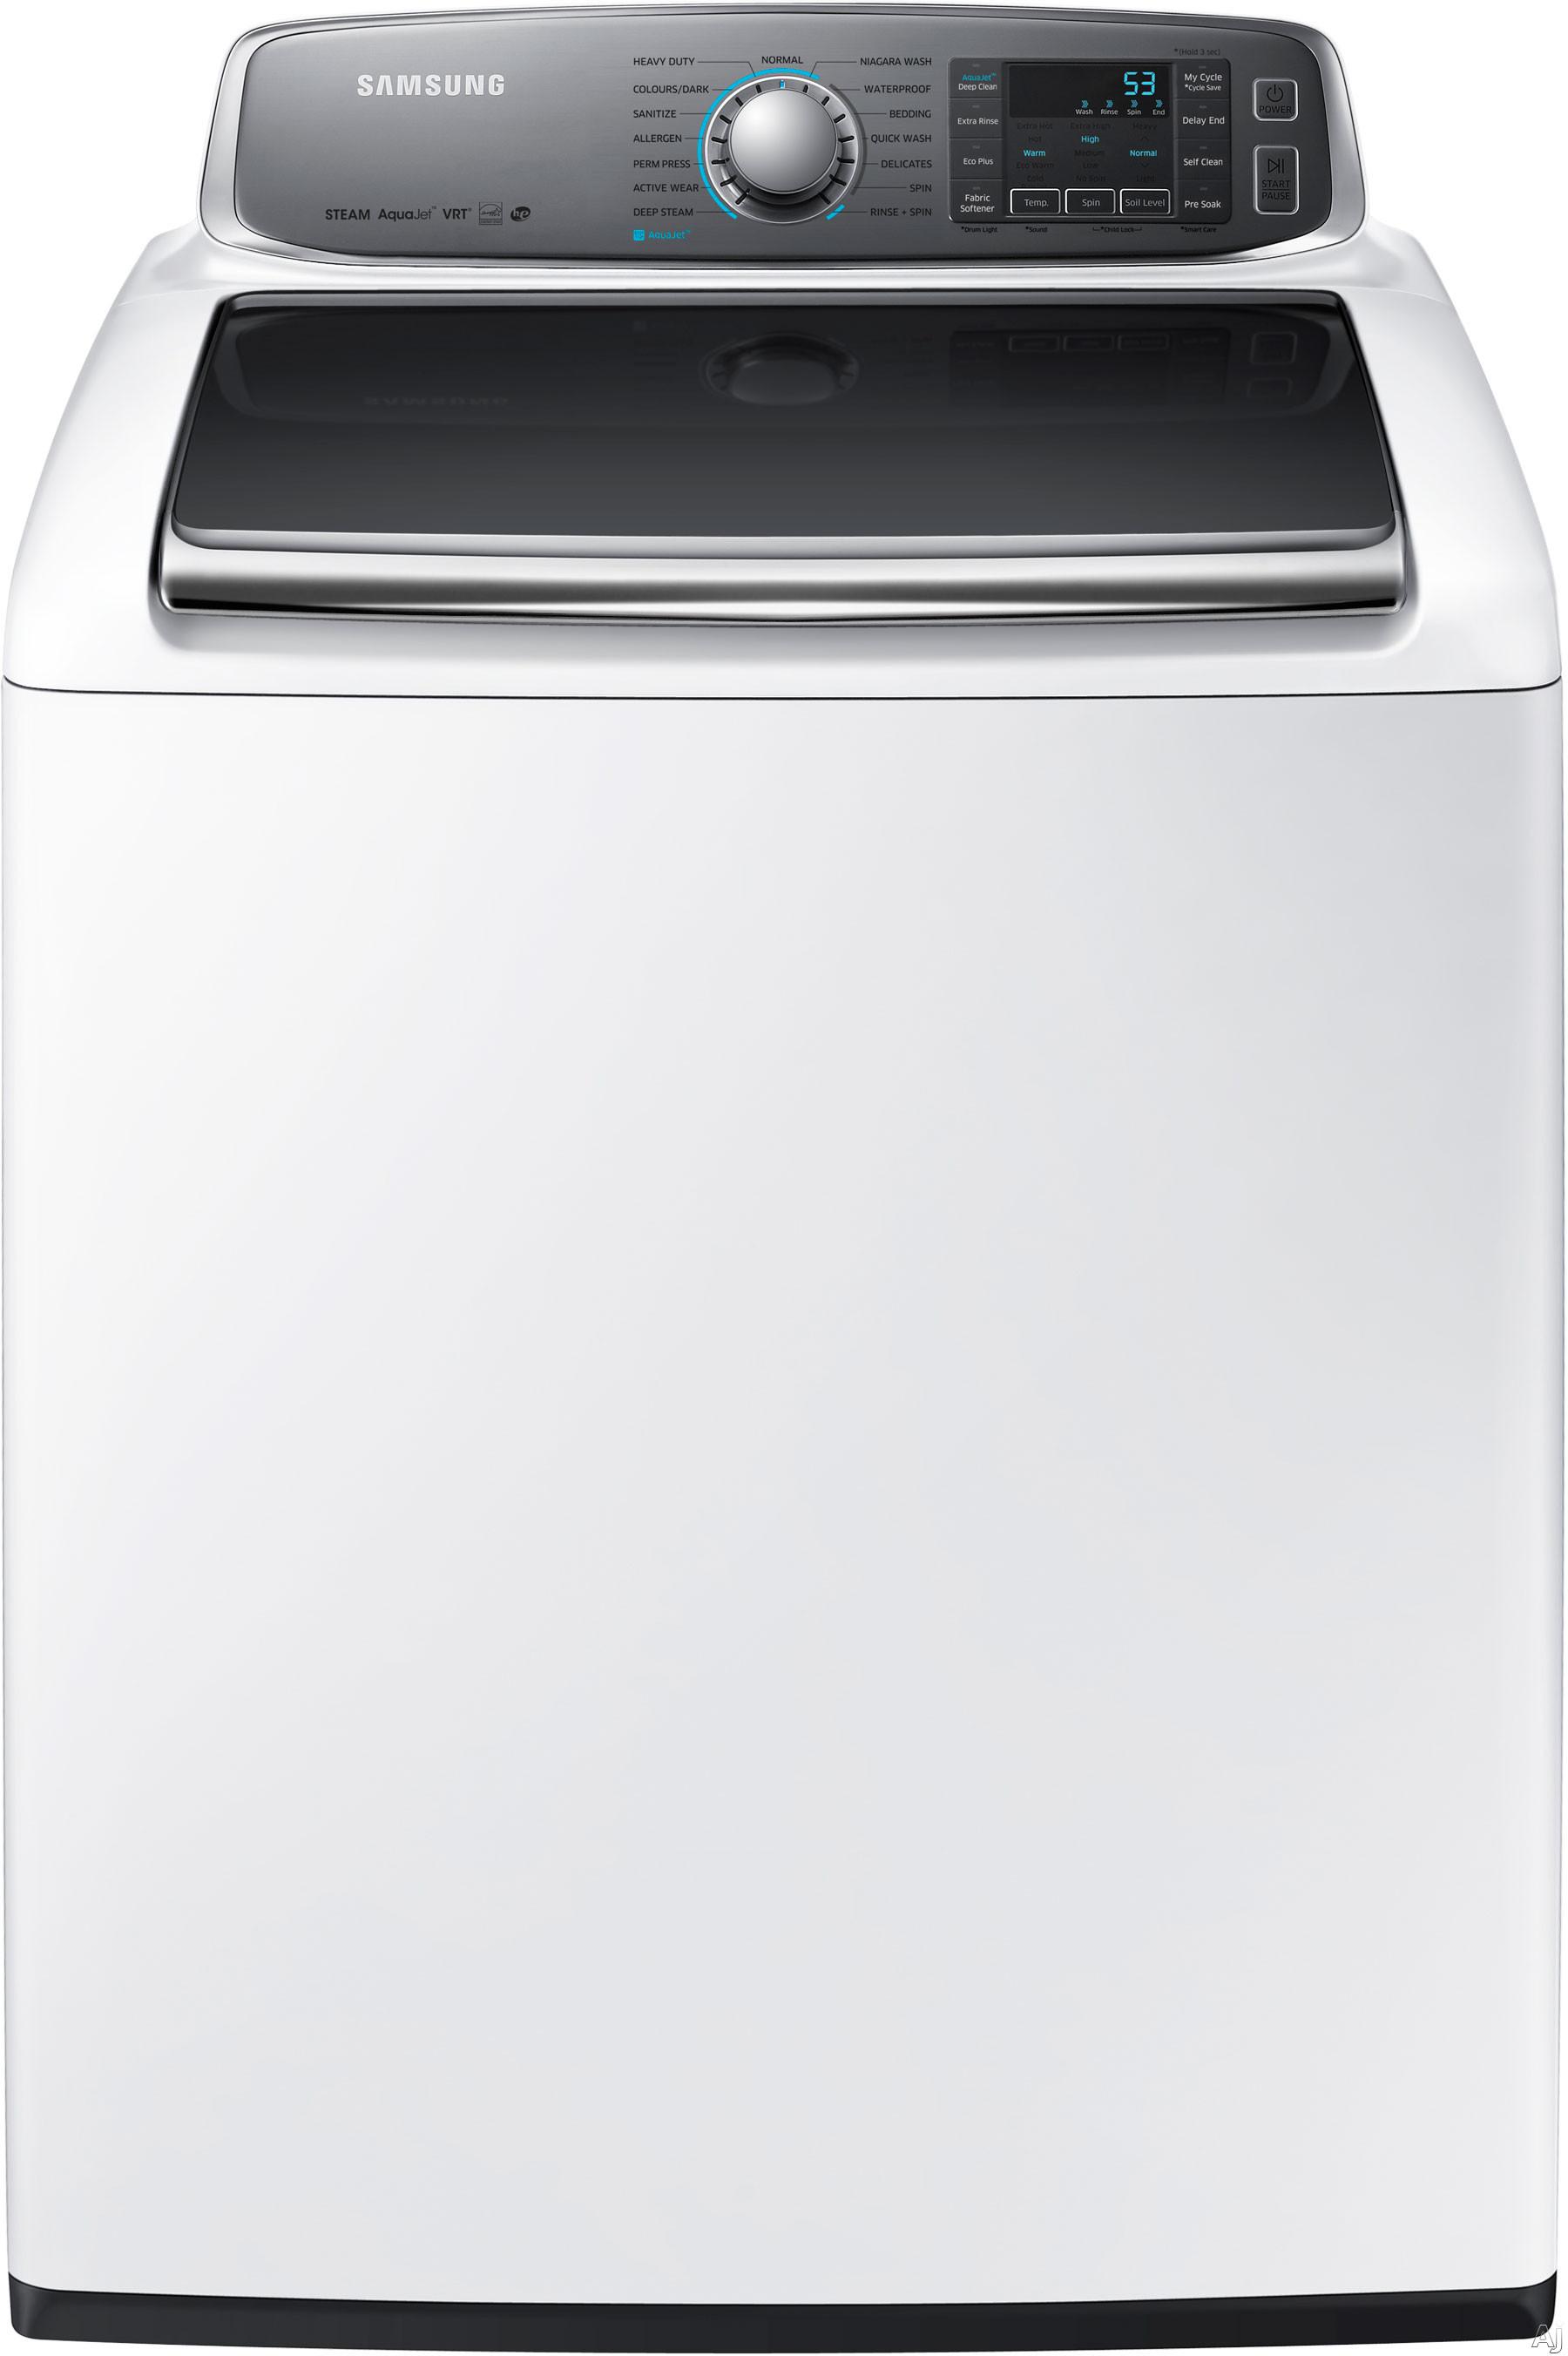 samsung washing machine sanitize cycle